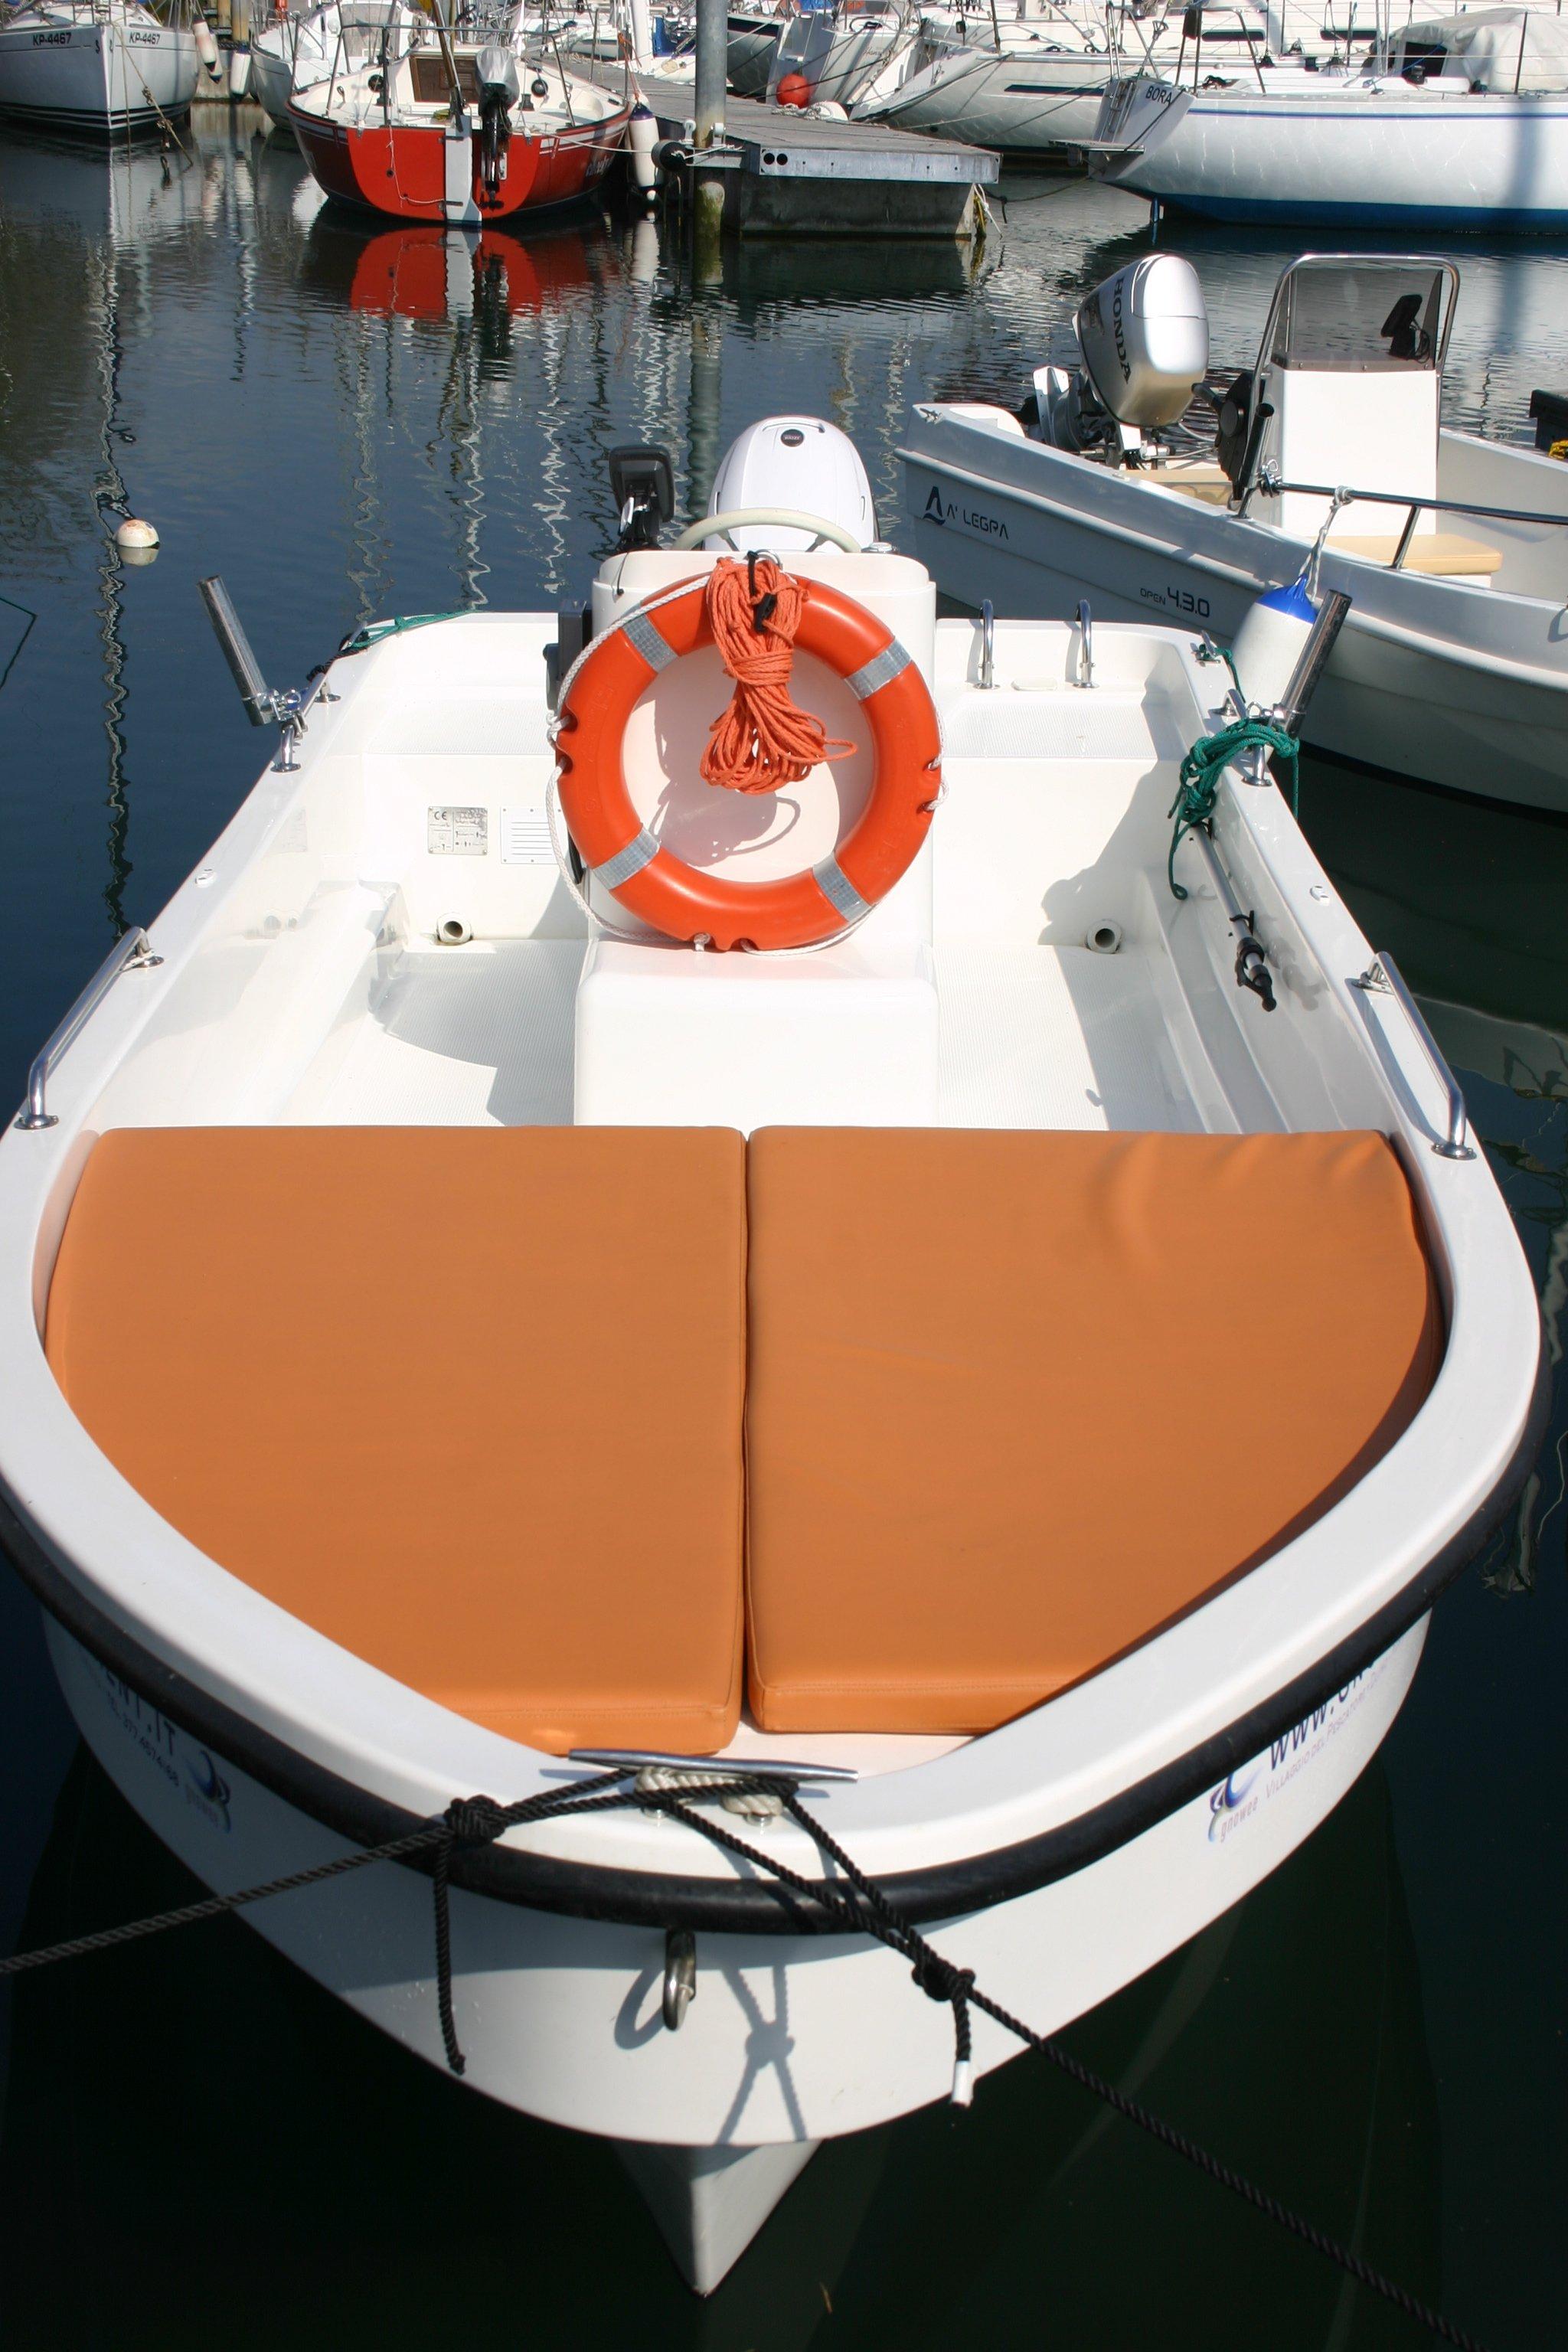 Vista dell'interno di una barca